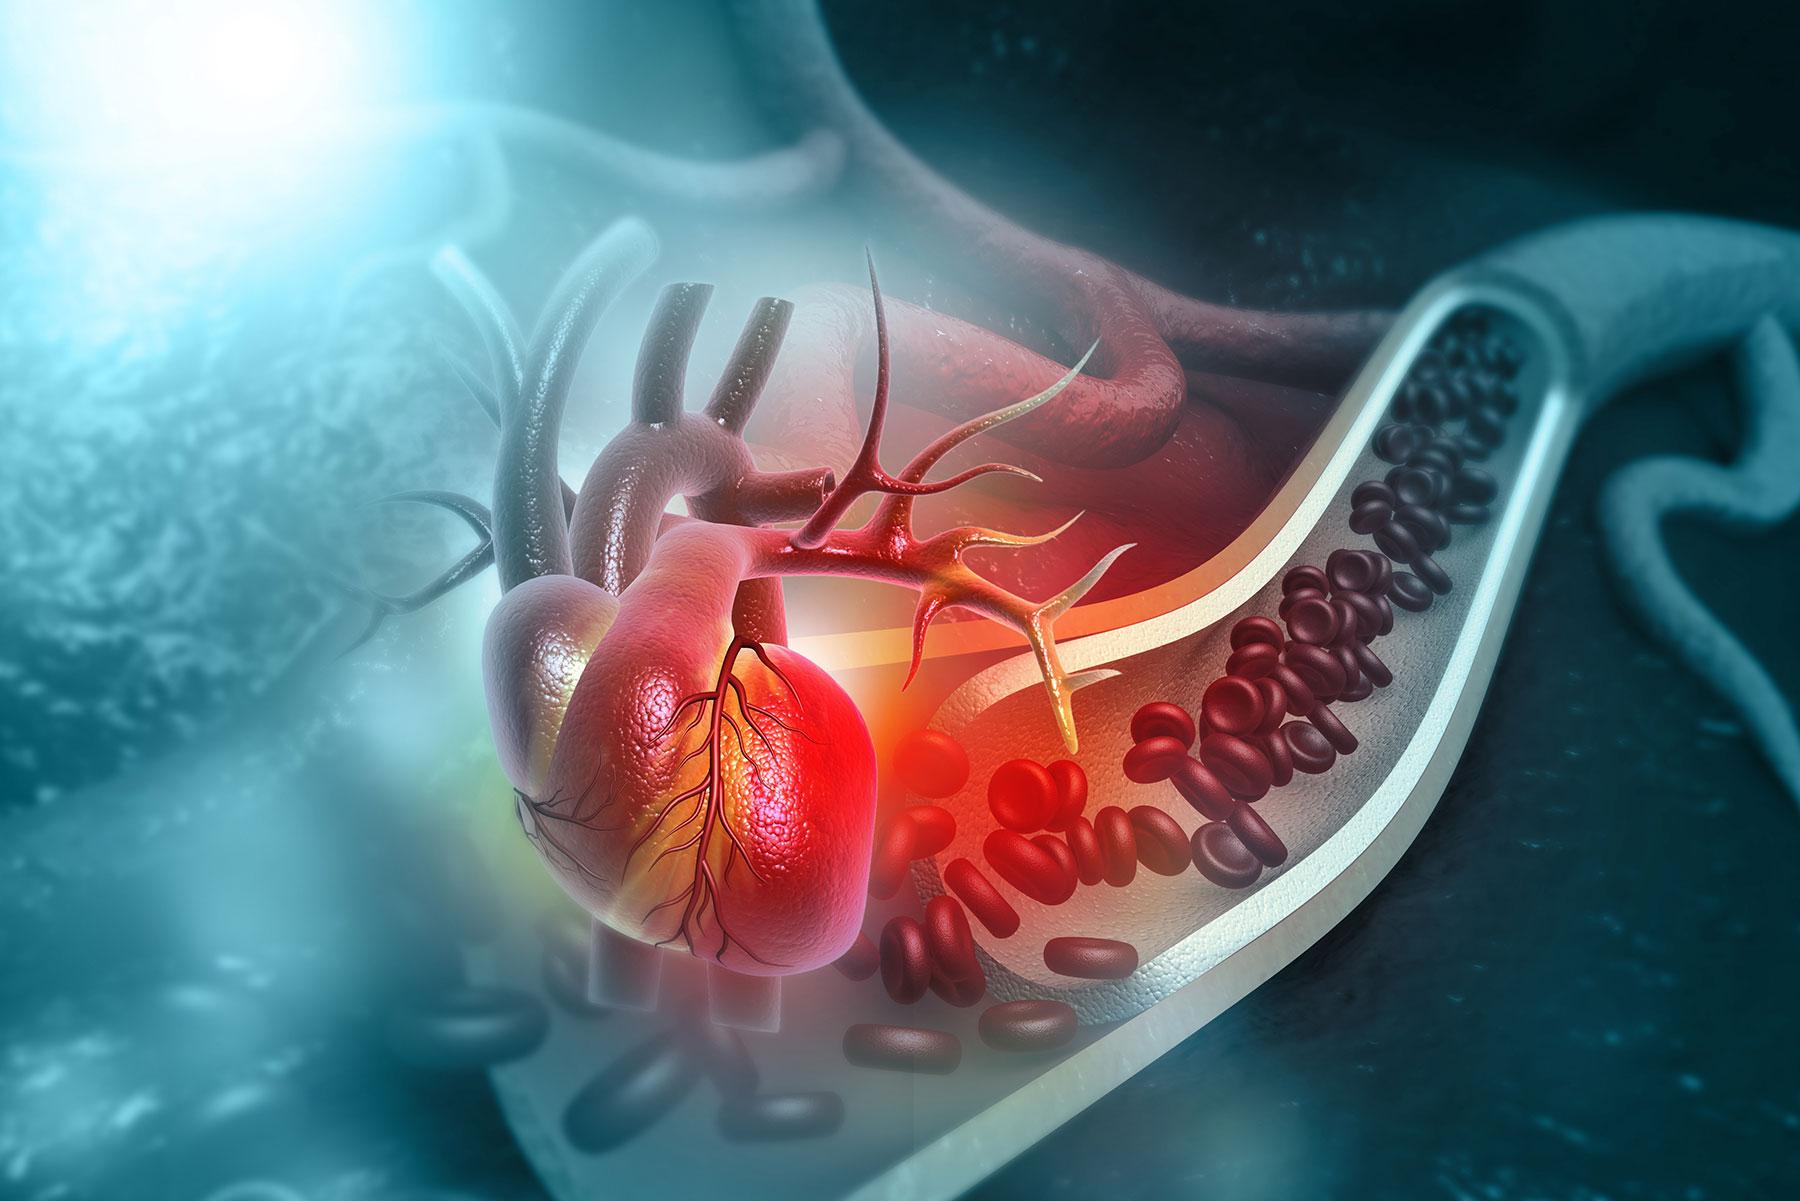 Cardiomyopathy and chronic heart failure